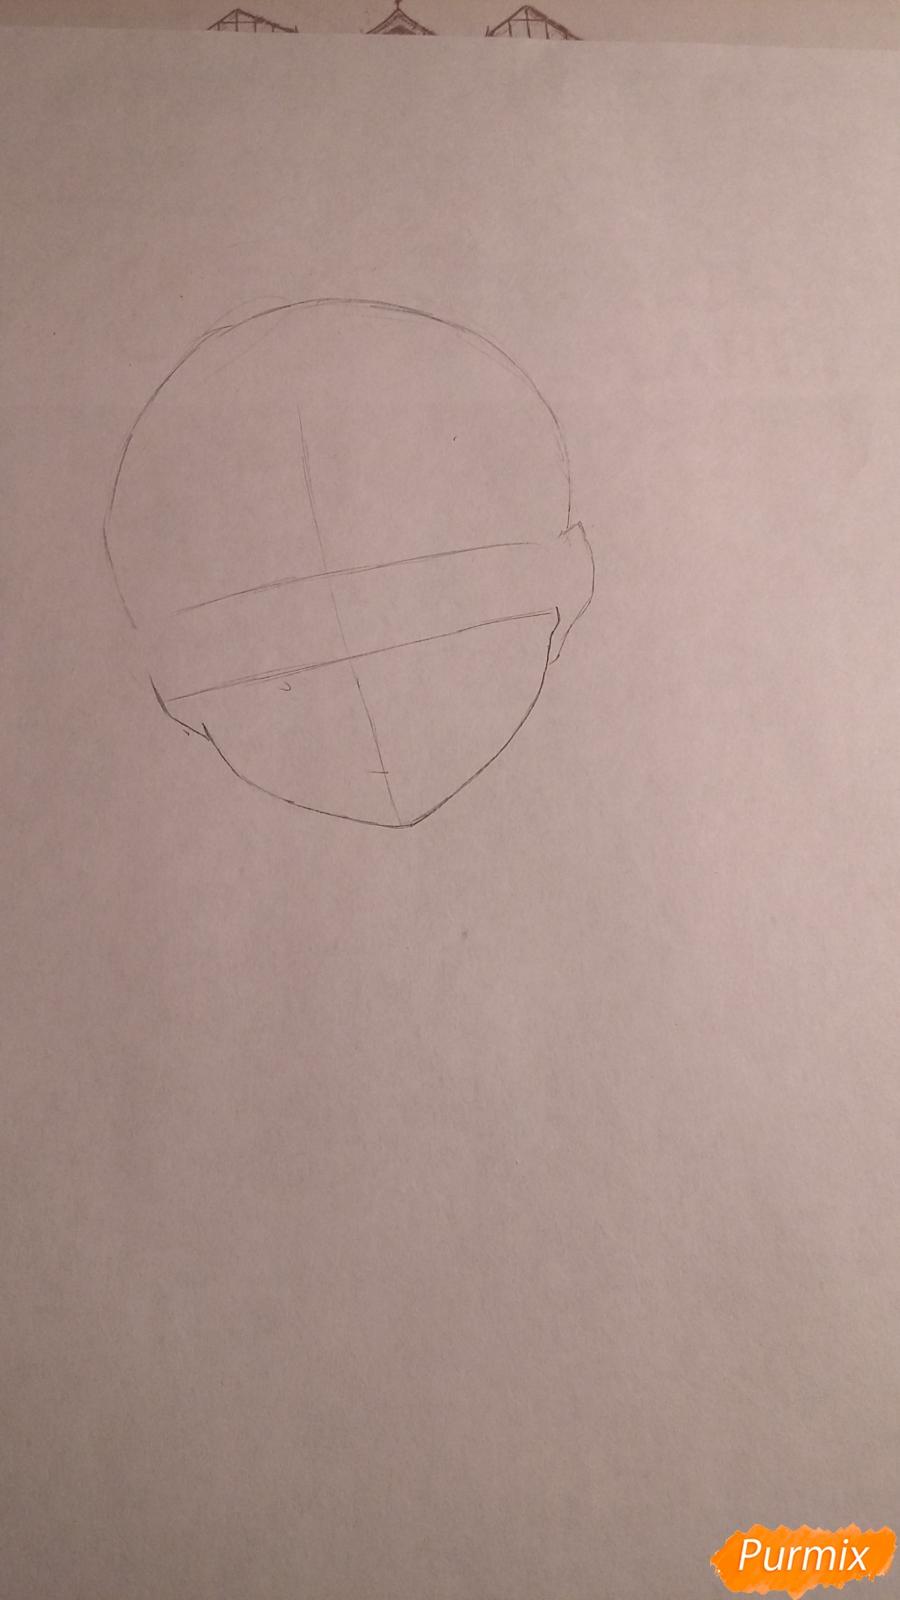 Как нарисовать протрет девушки в аниме стиле карандашом поэтапно - шаг 1